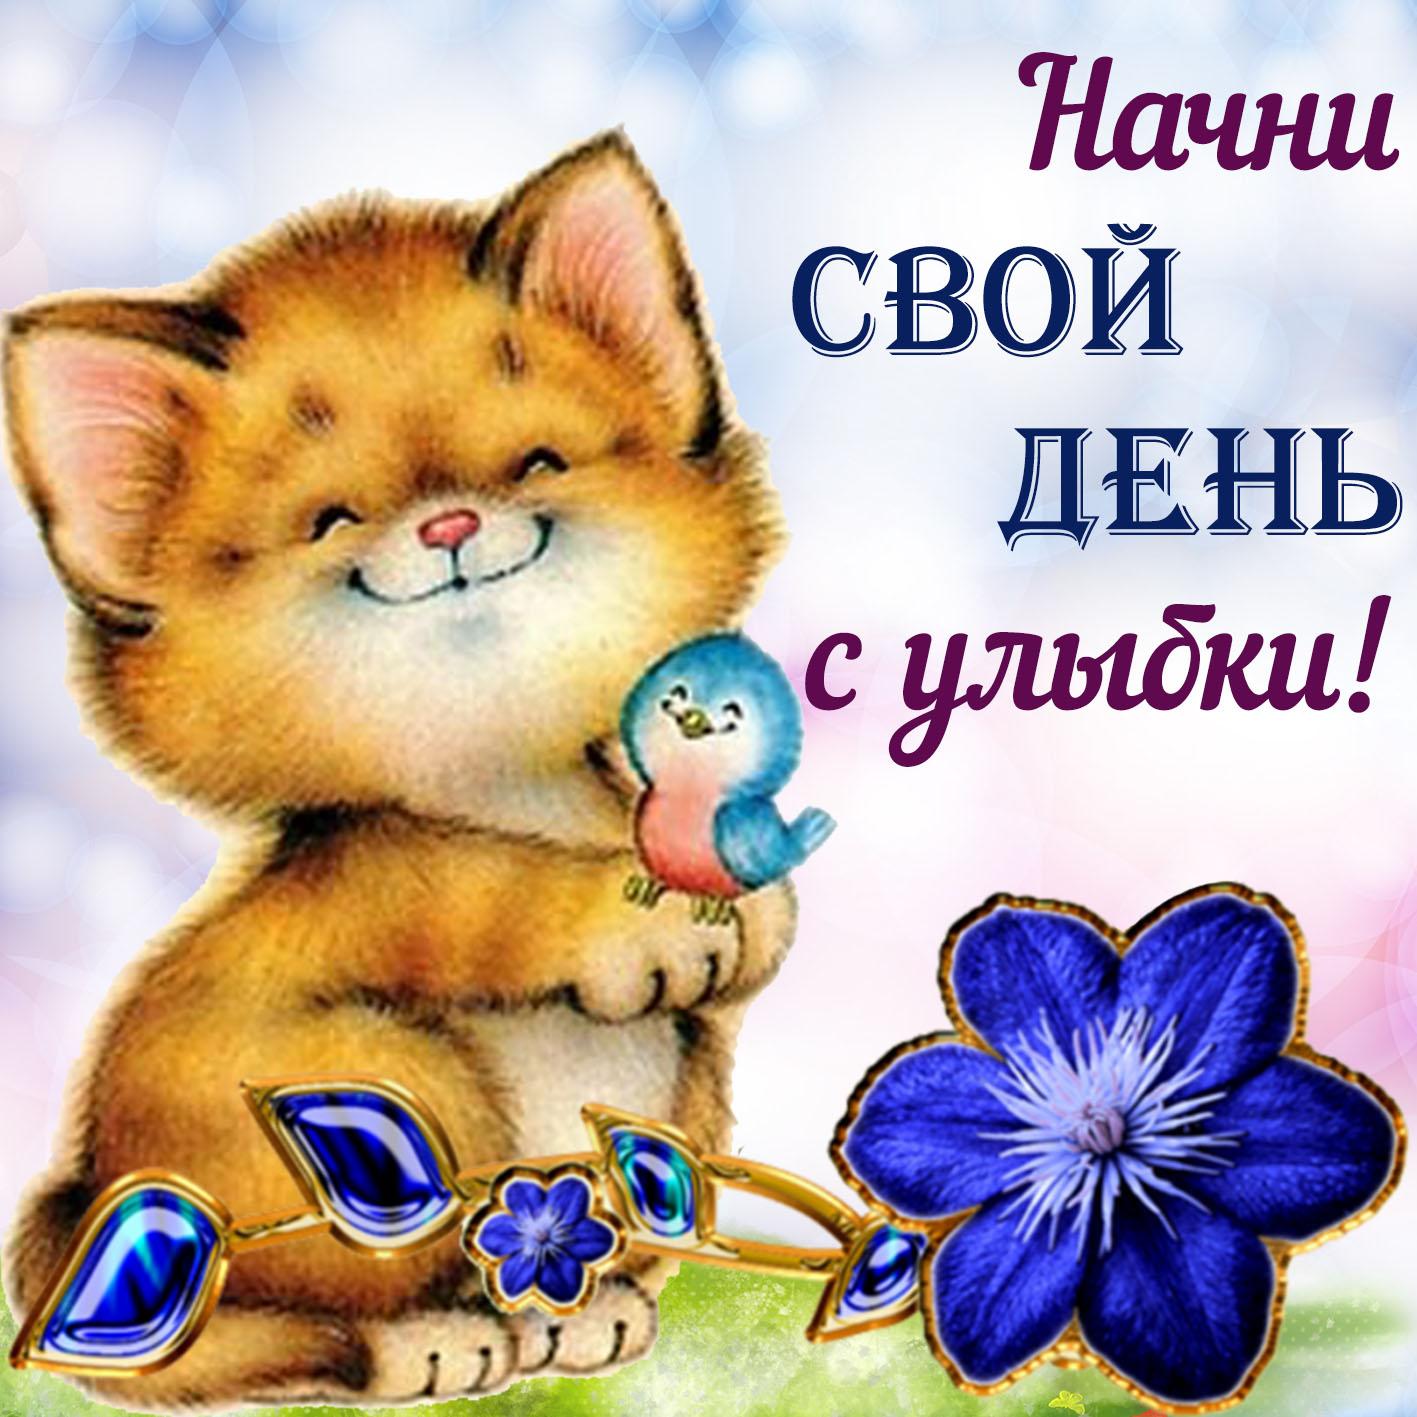 Поздравления, картинки с надписями начни свой день с улыбки